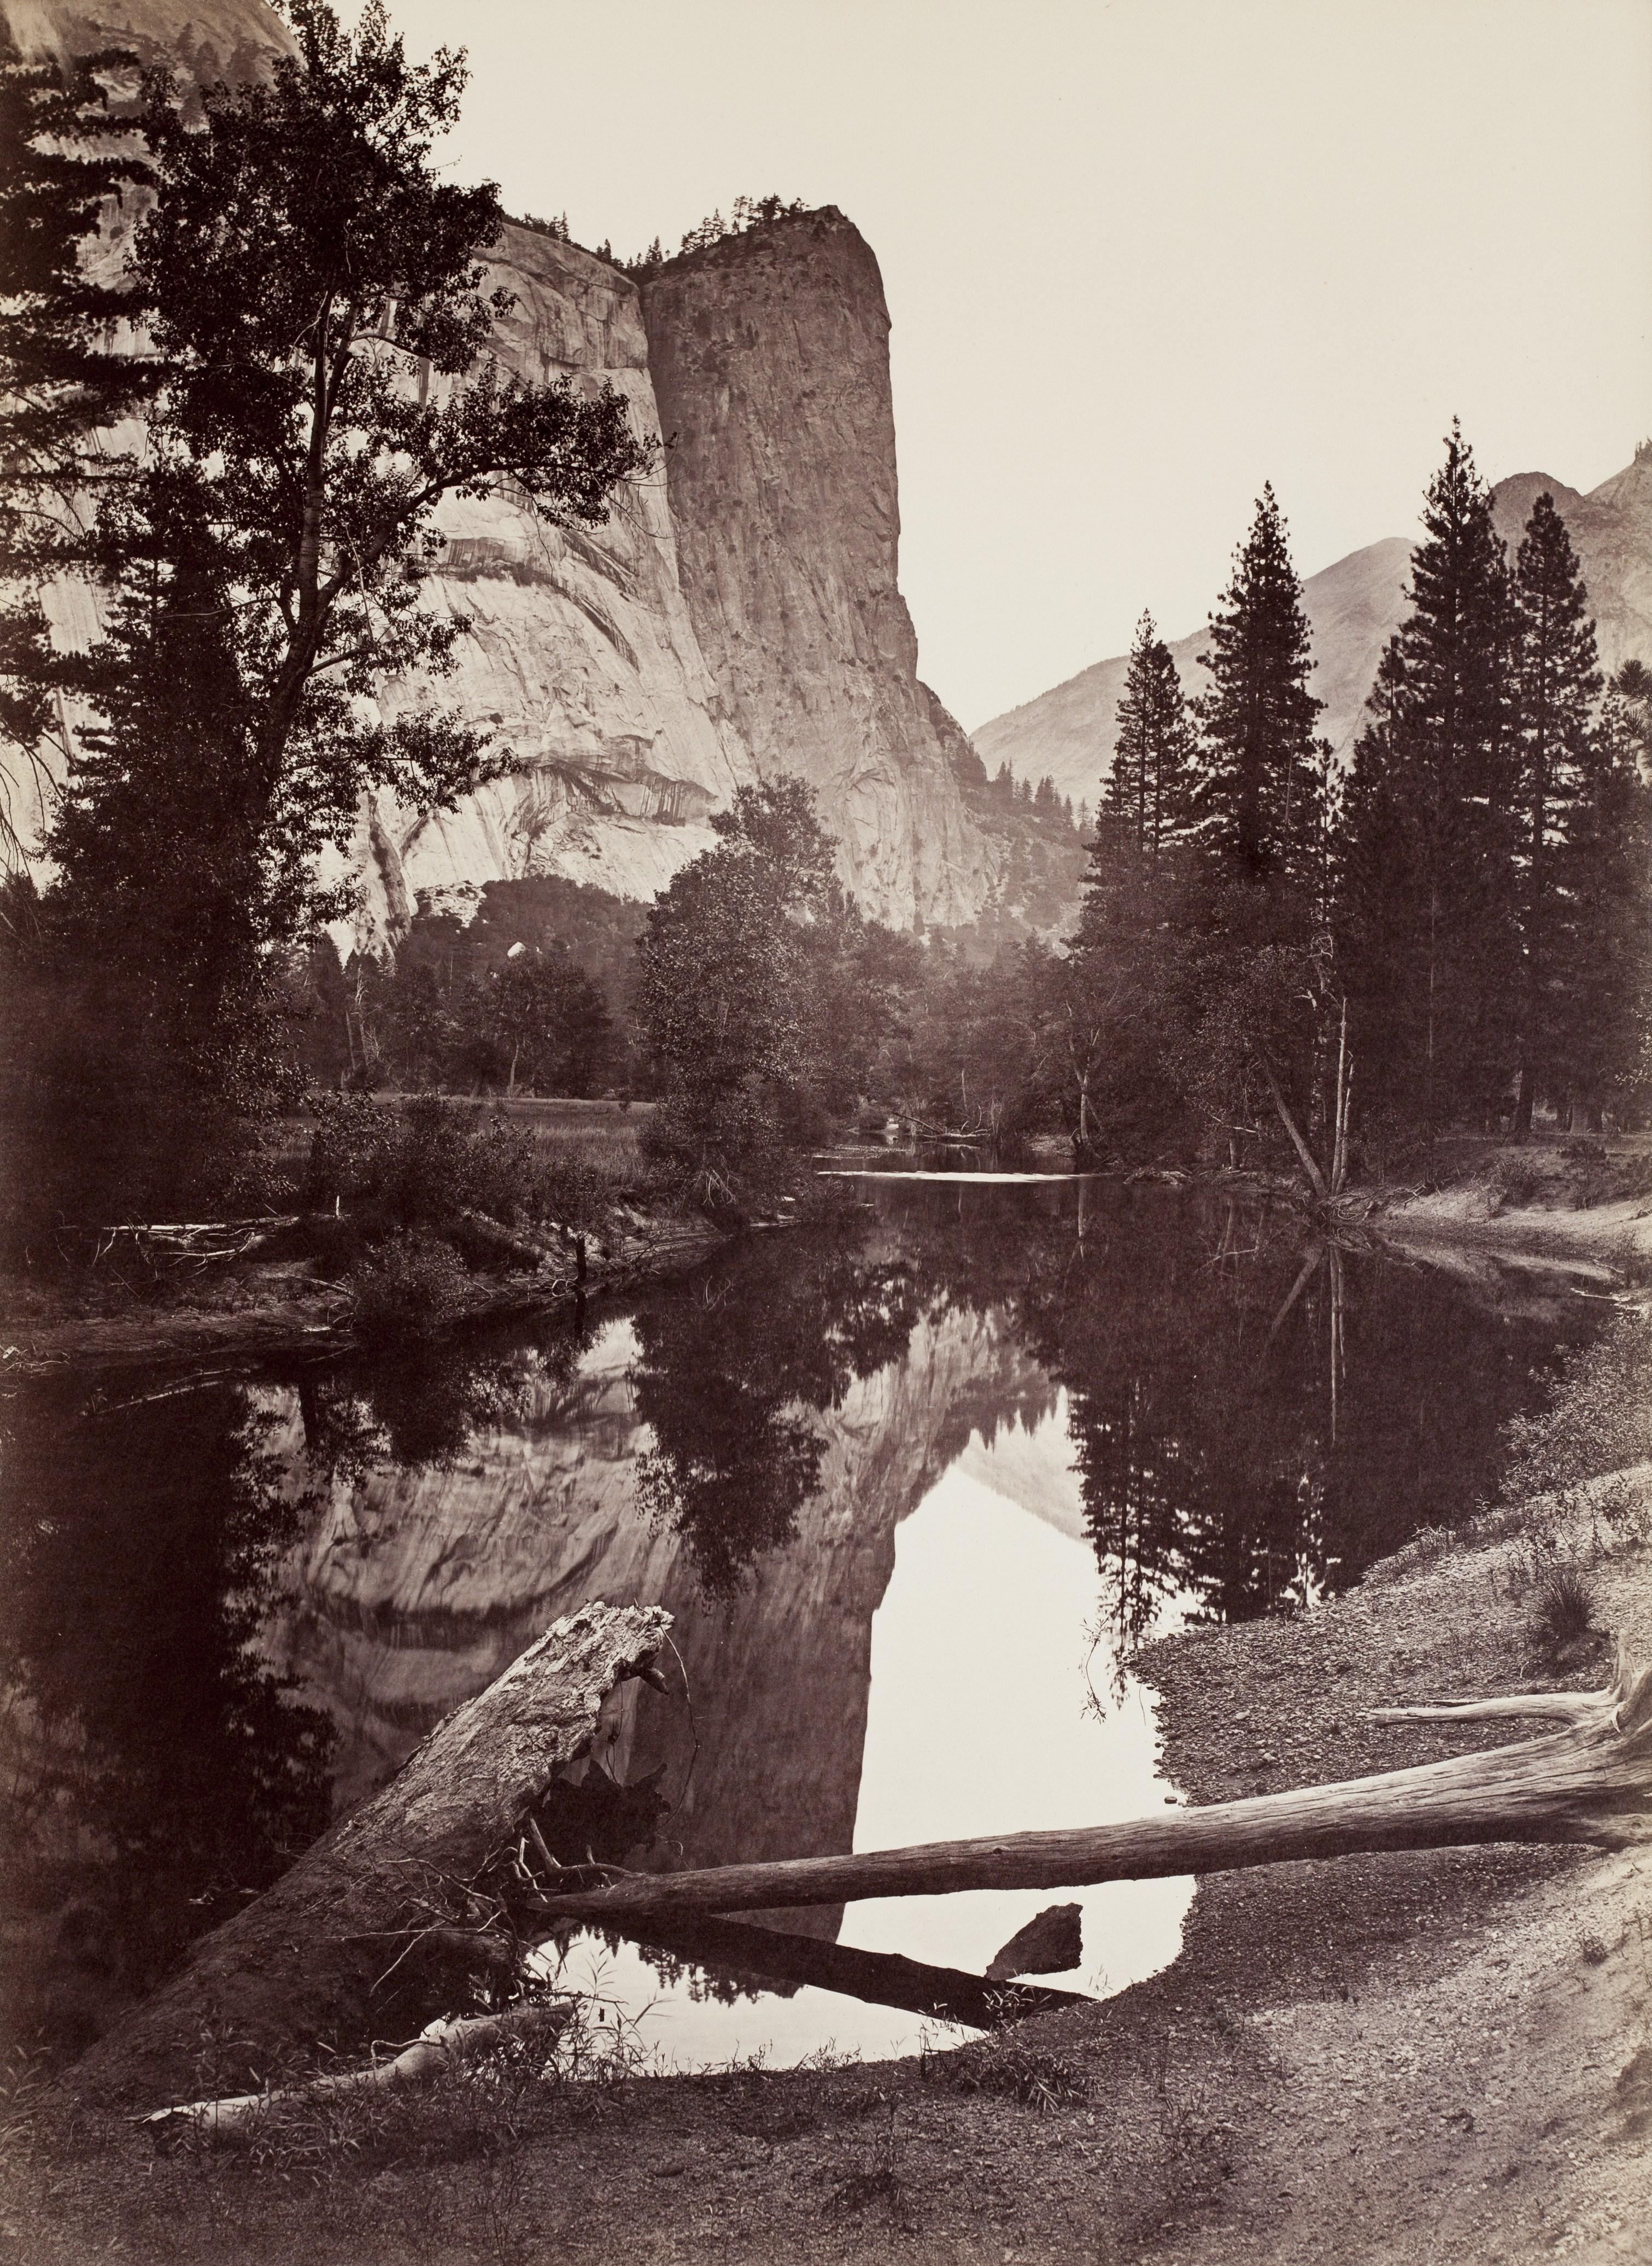 Carleton E. Watkins, Washington Column, 2,082 Ft., Mirror View, No. 81, Yosemite, California, ca. 1865-66